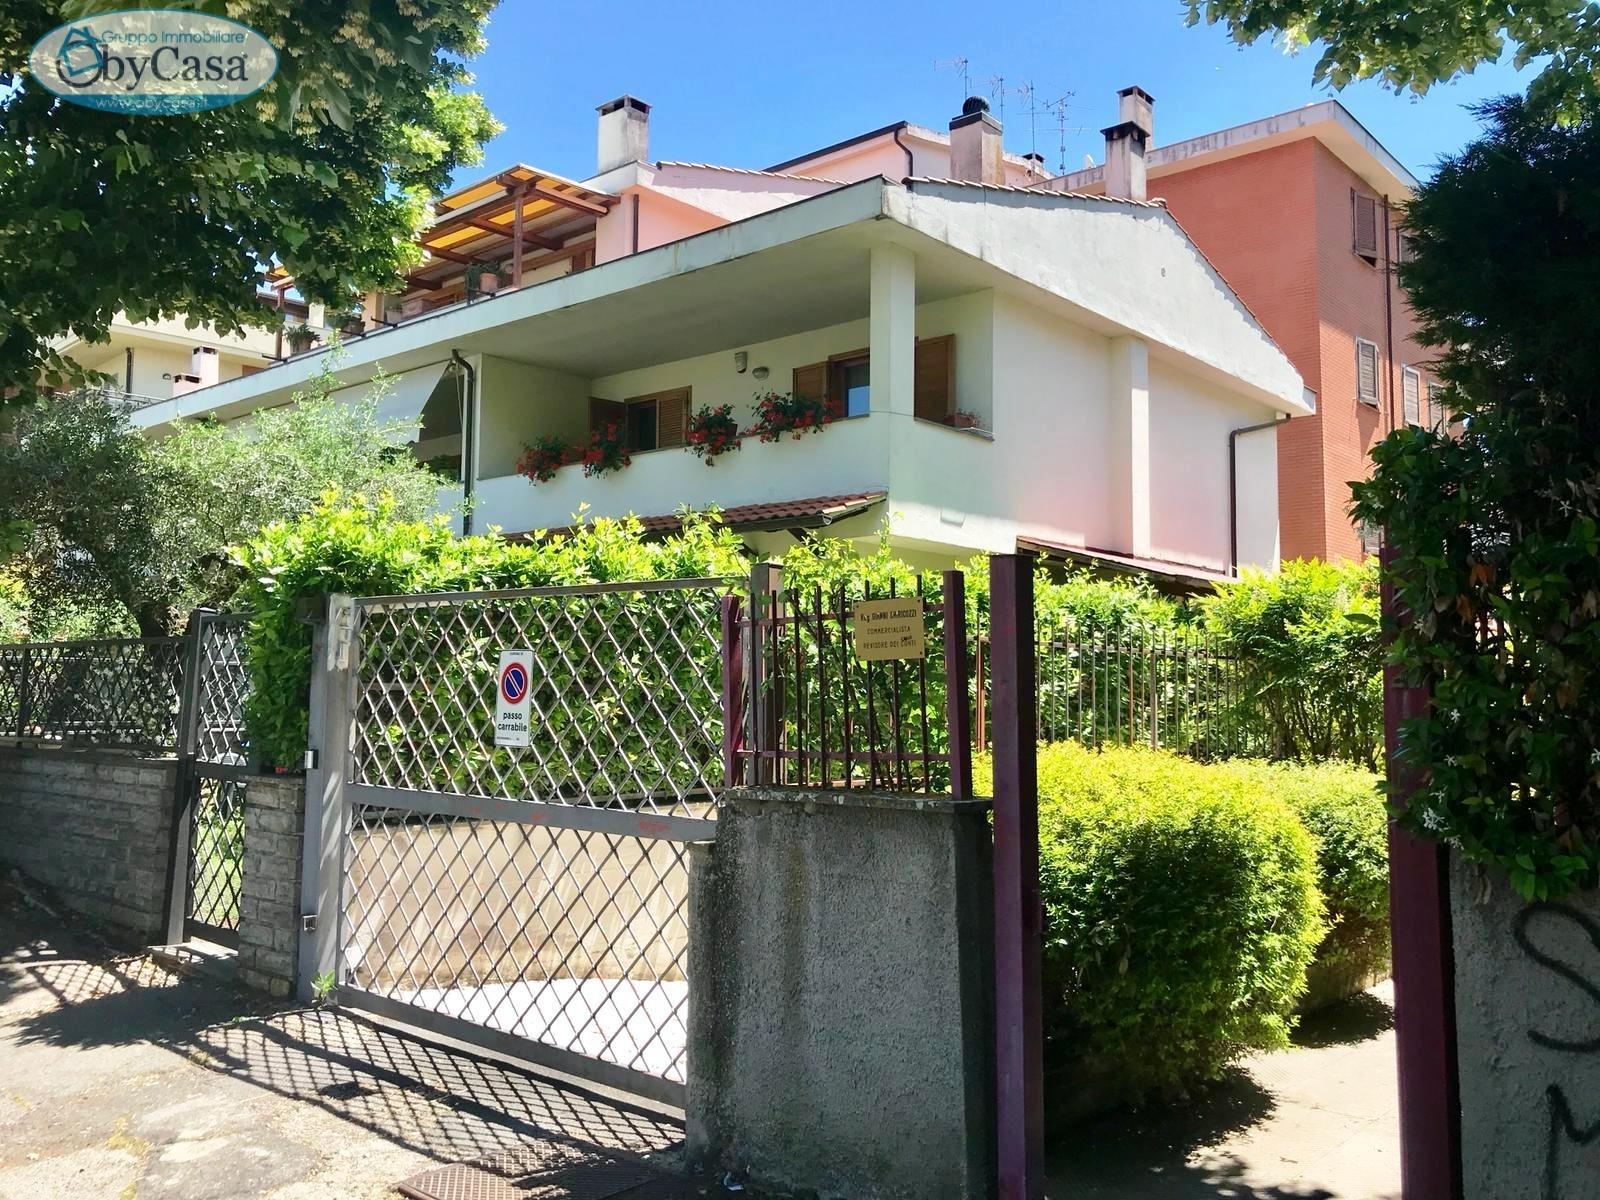 Appartamento in vendita a Viterbo, 3 locali, prezzo € 105.000 | CambioCasa.it